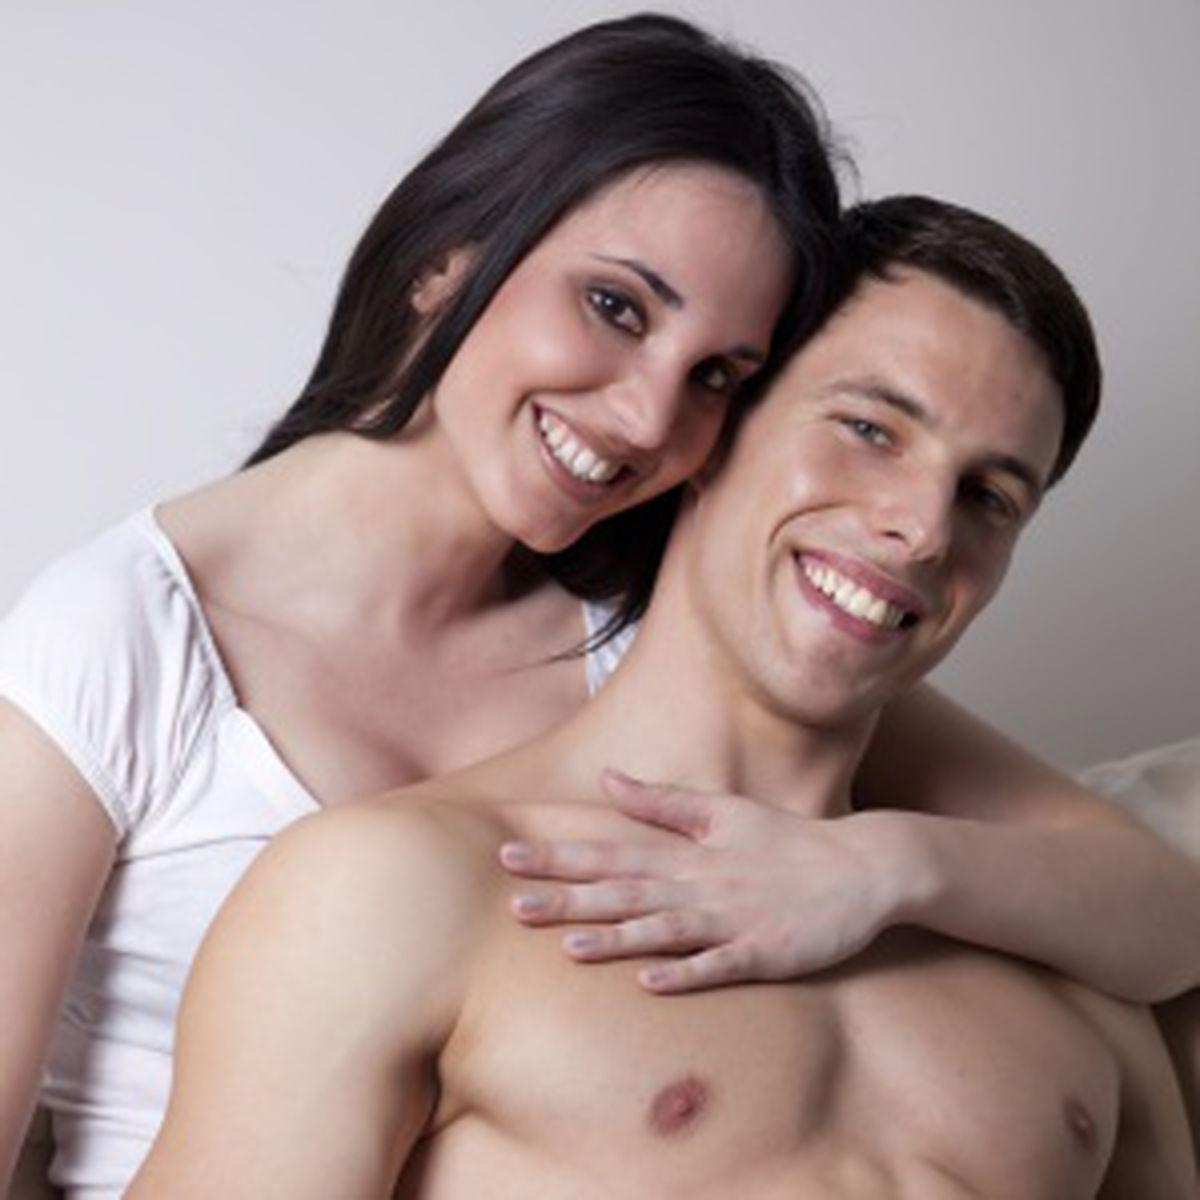 Coșmarul fiecărui tip - incapacitatea de a obține o erecție • Just Love